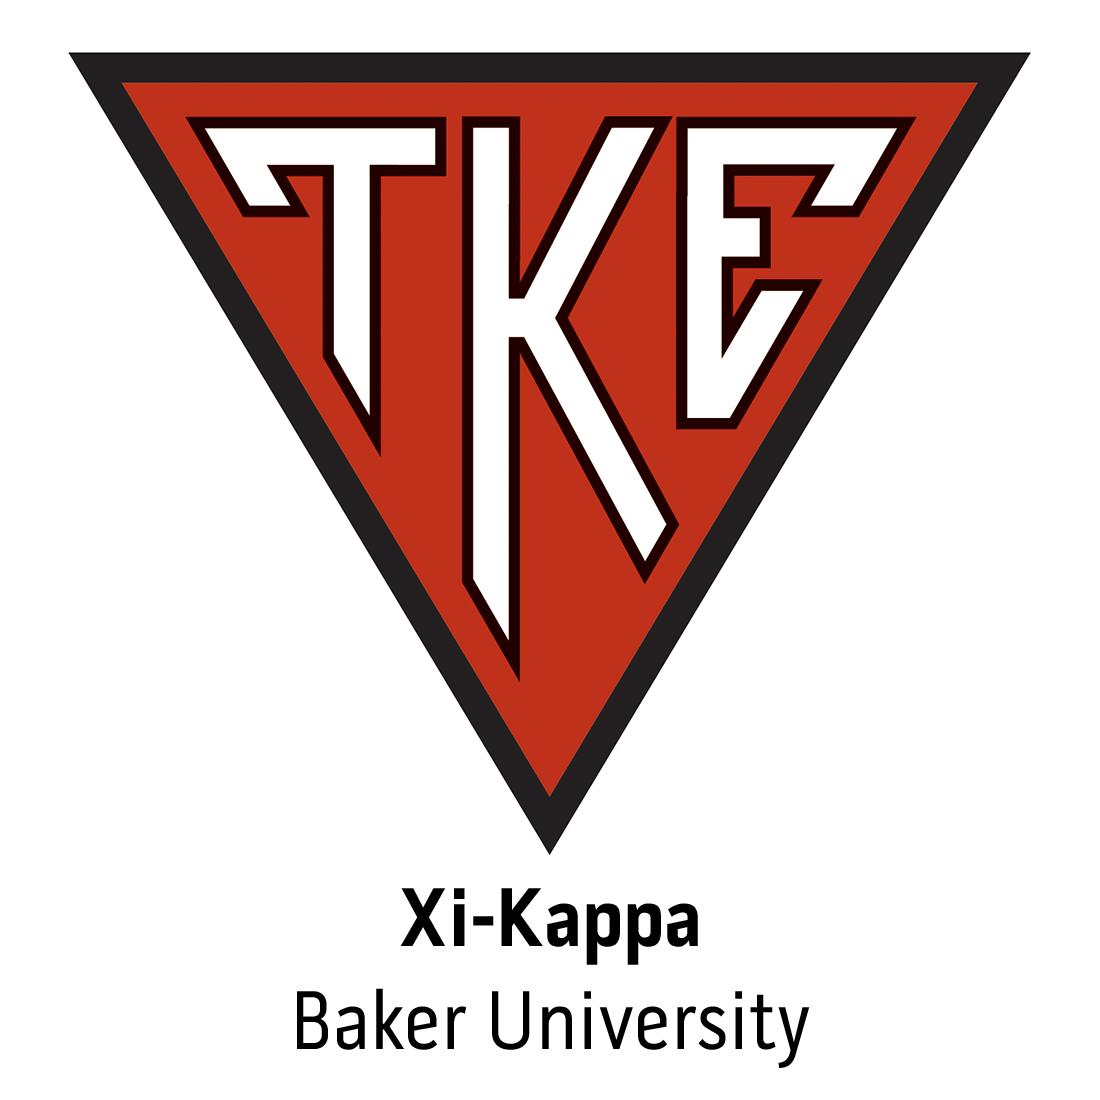 Xi-Kappa Chapter at Baker University